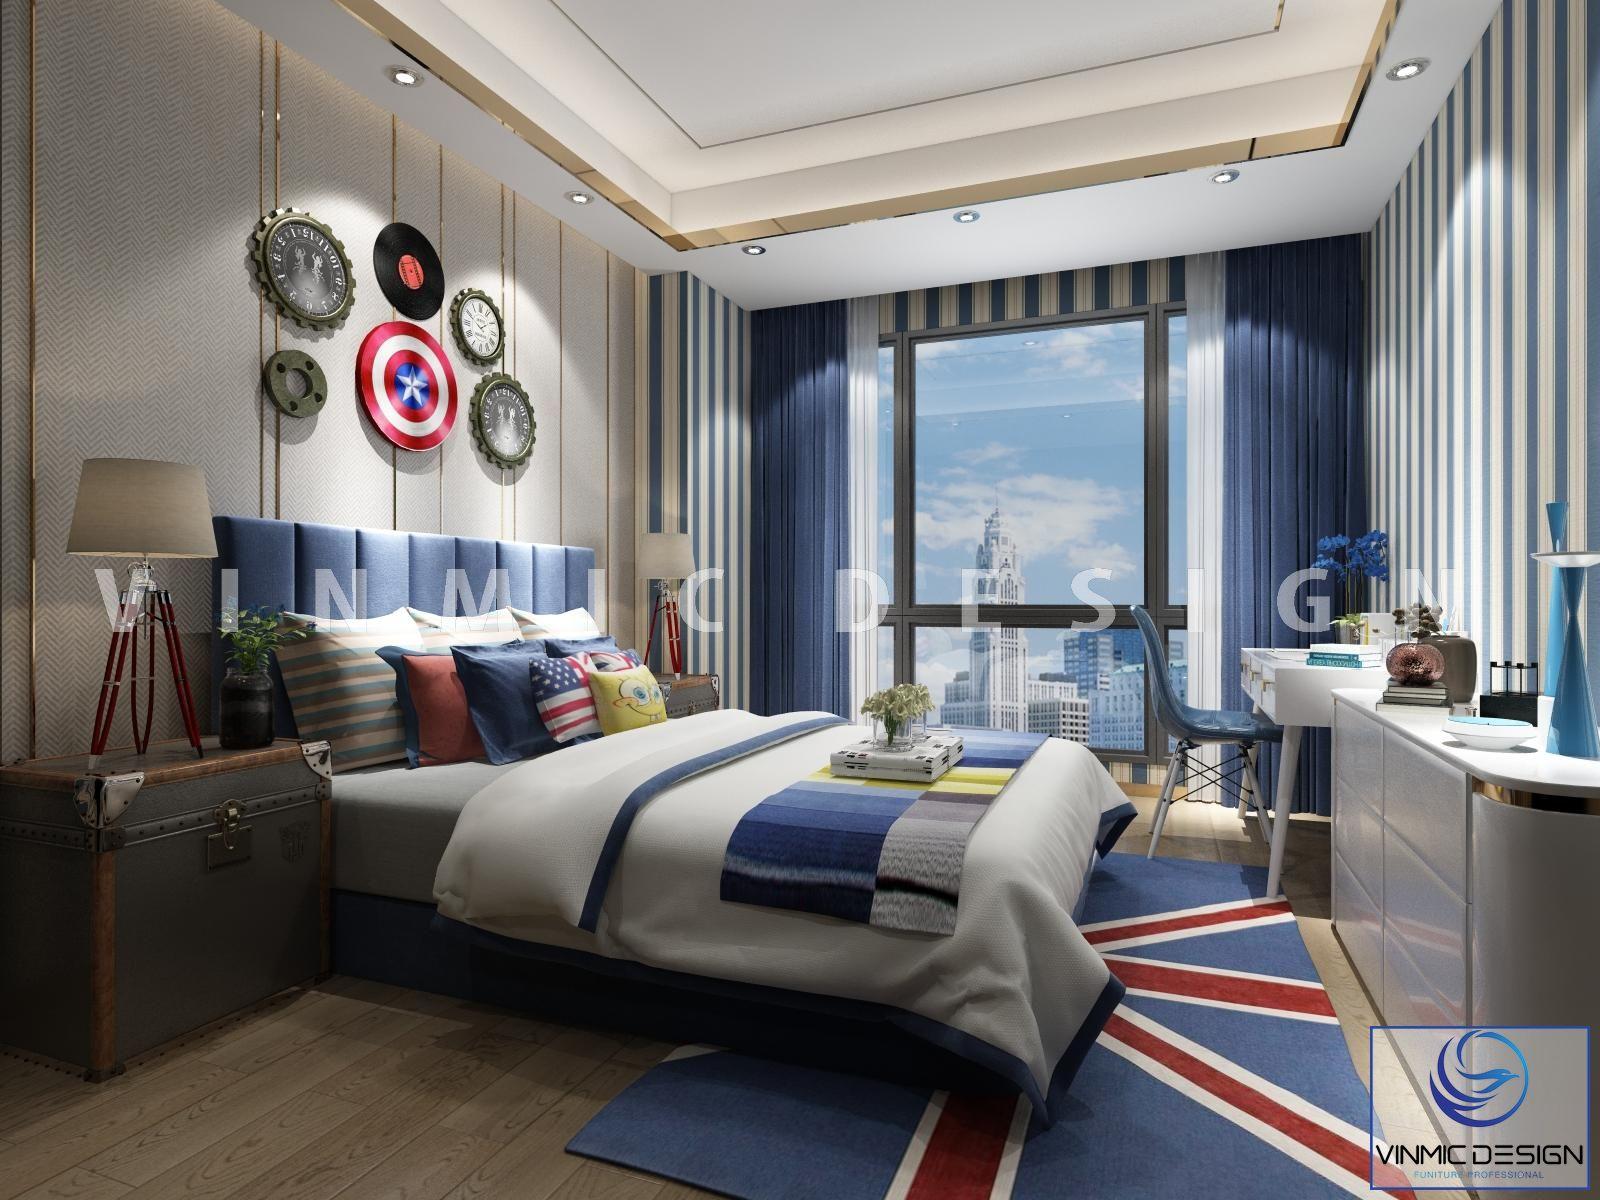 Thiết kế nội thất phòng ngủ cho bé với những biểu tượng thế giới đầy hoài bão